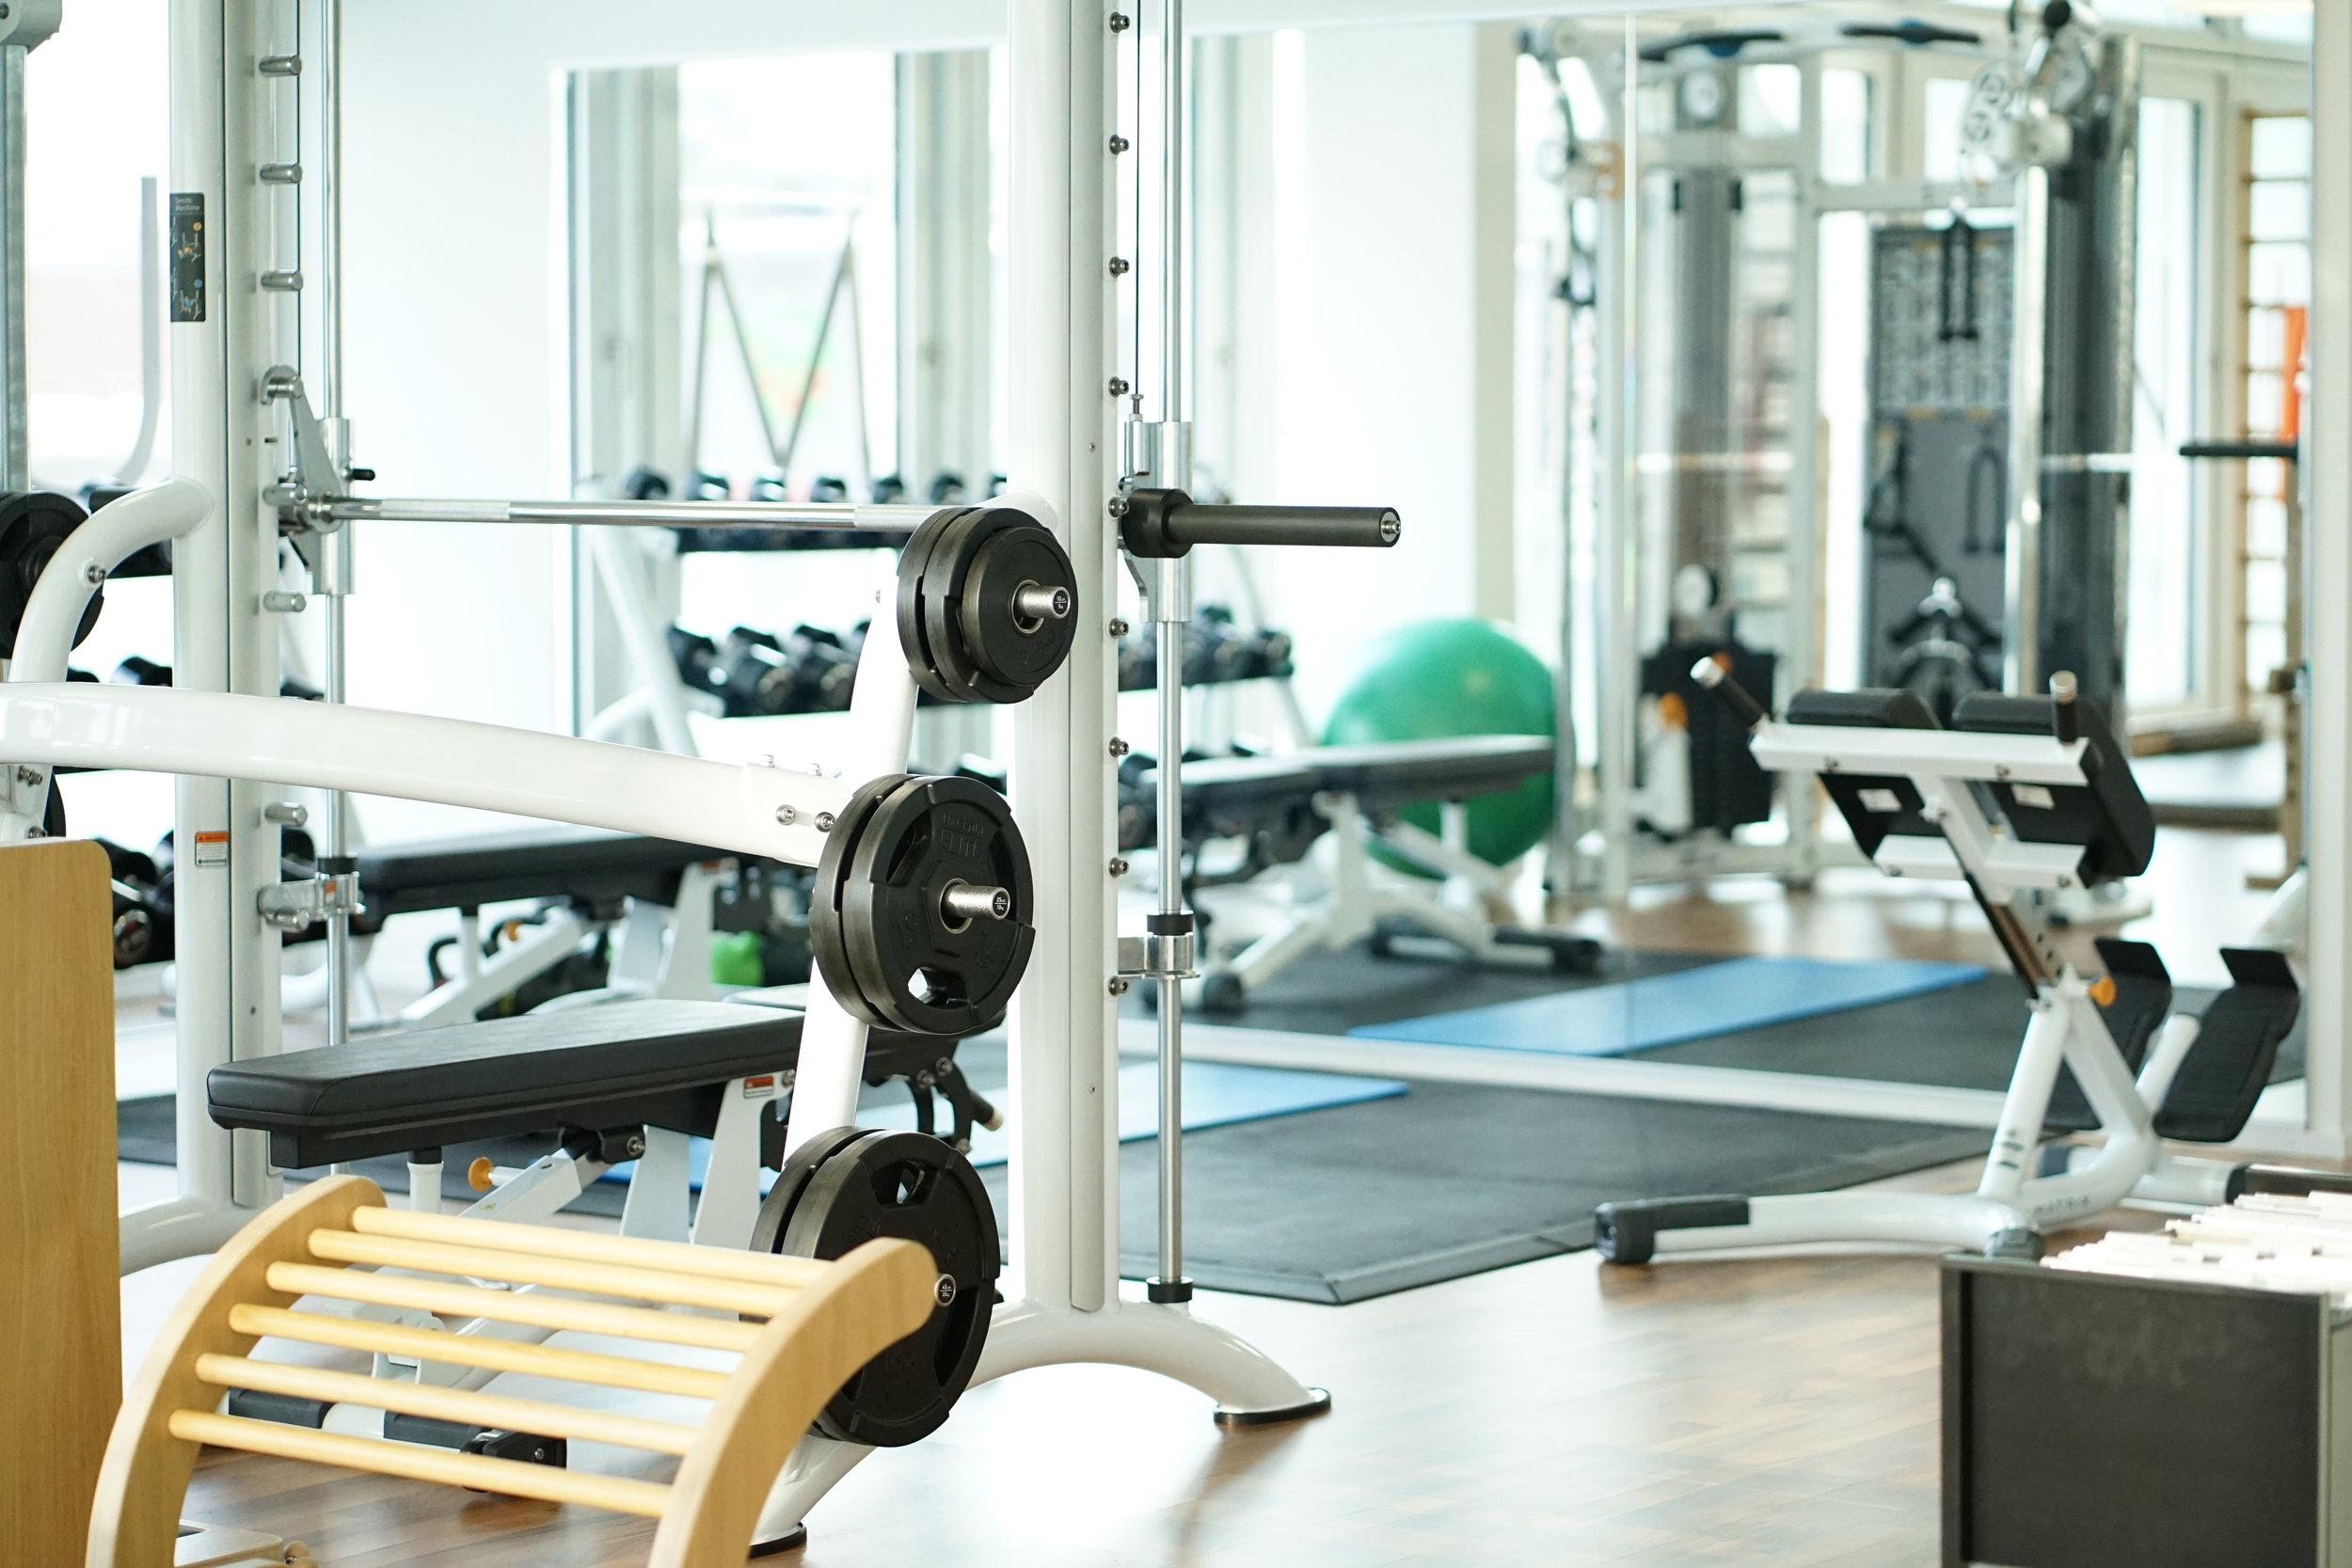 Gesundheitszentrum_Fitness_Arlesheim_2